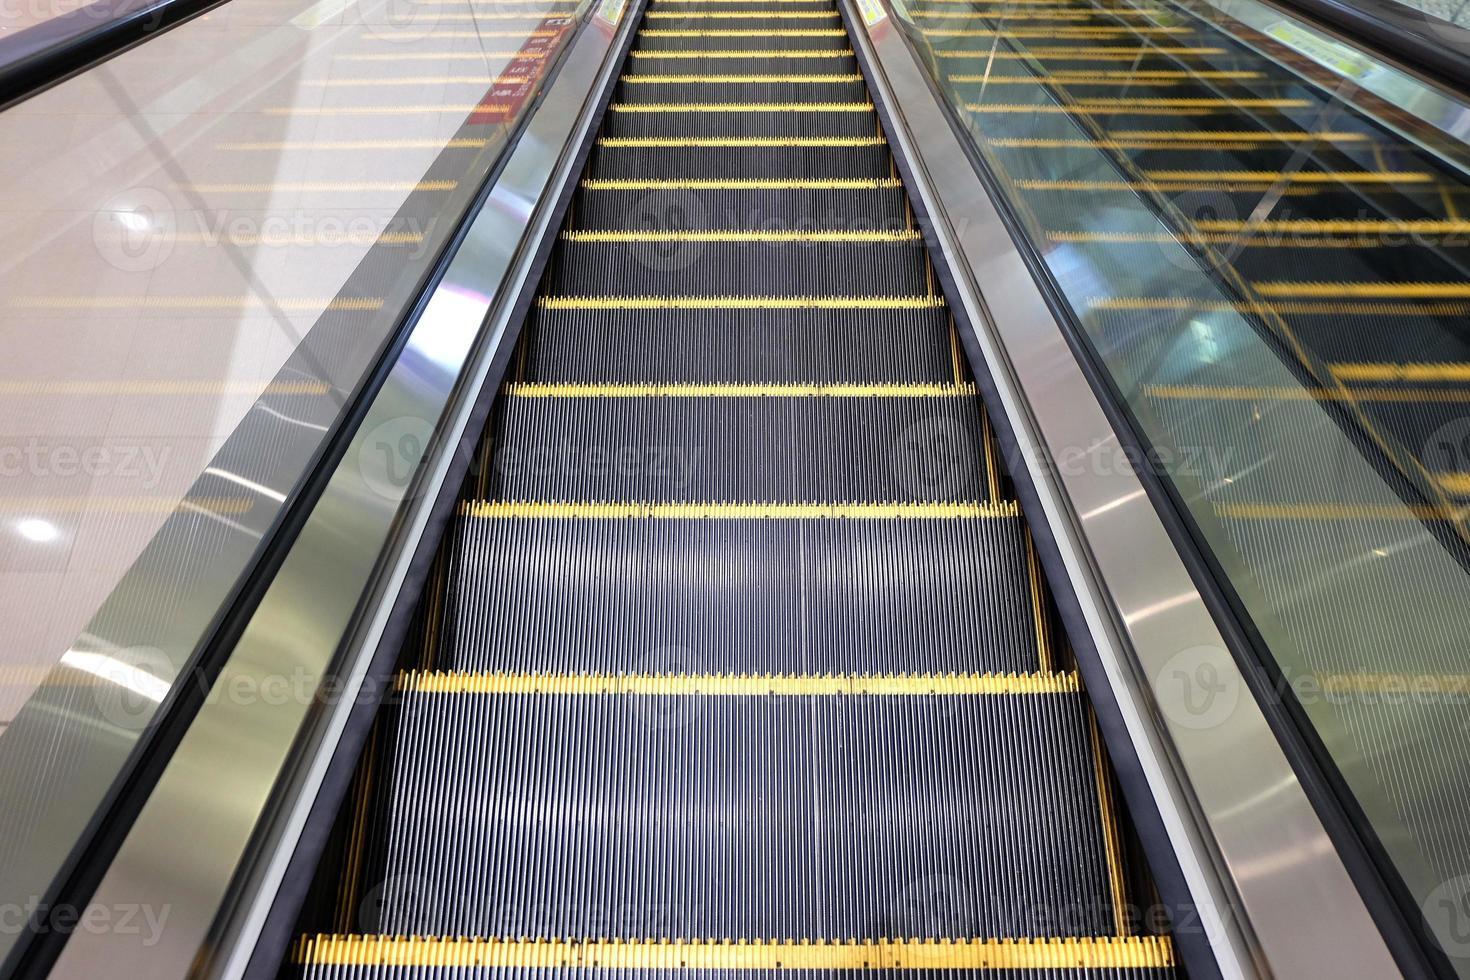 winkelcentrum roltrappen foto